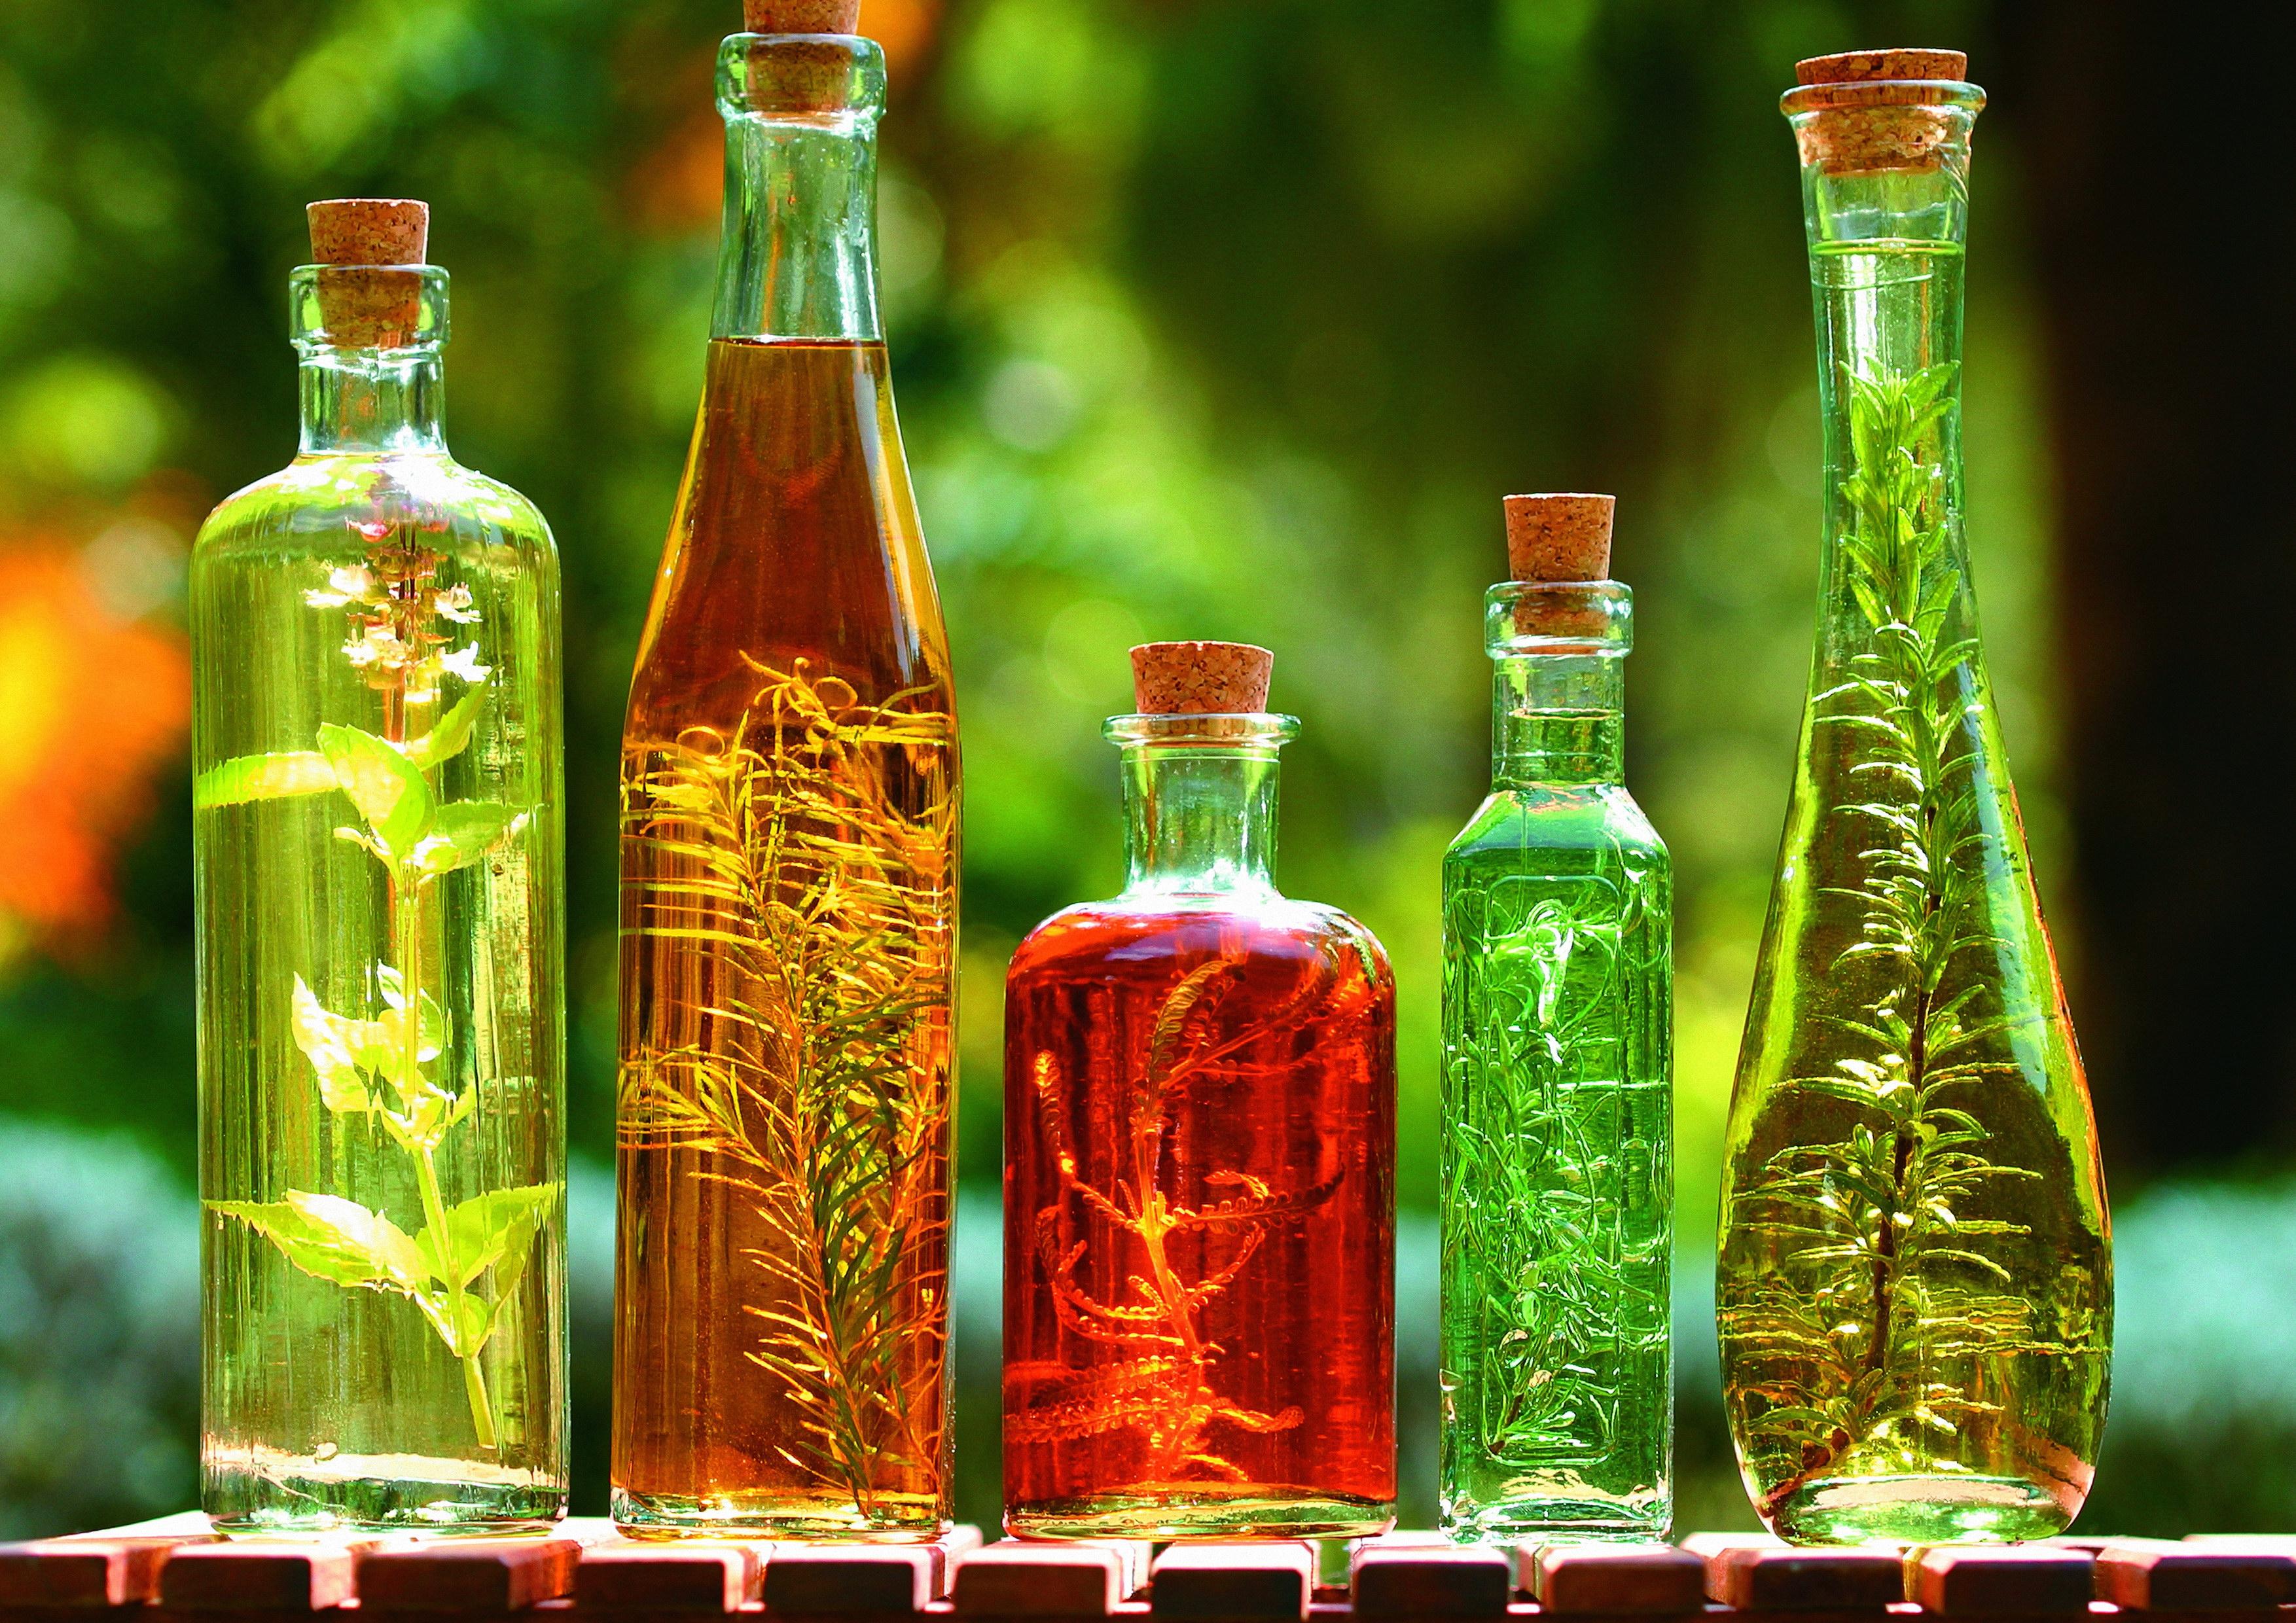 Sfondi Bottiglie Piante Bere Bicchiere Sfondo Verde Alcool